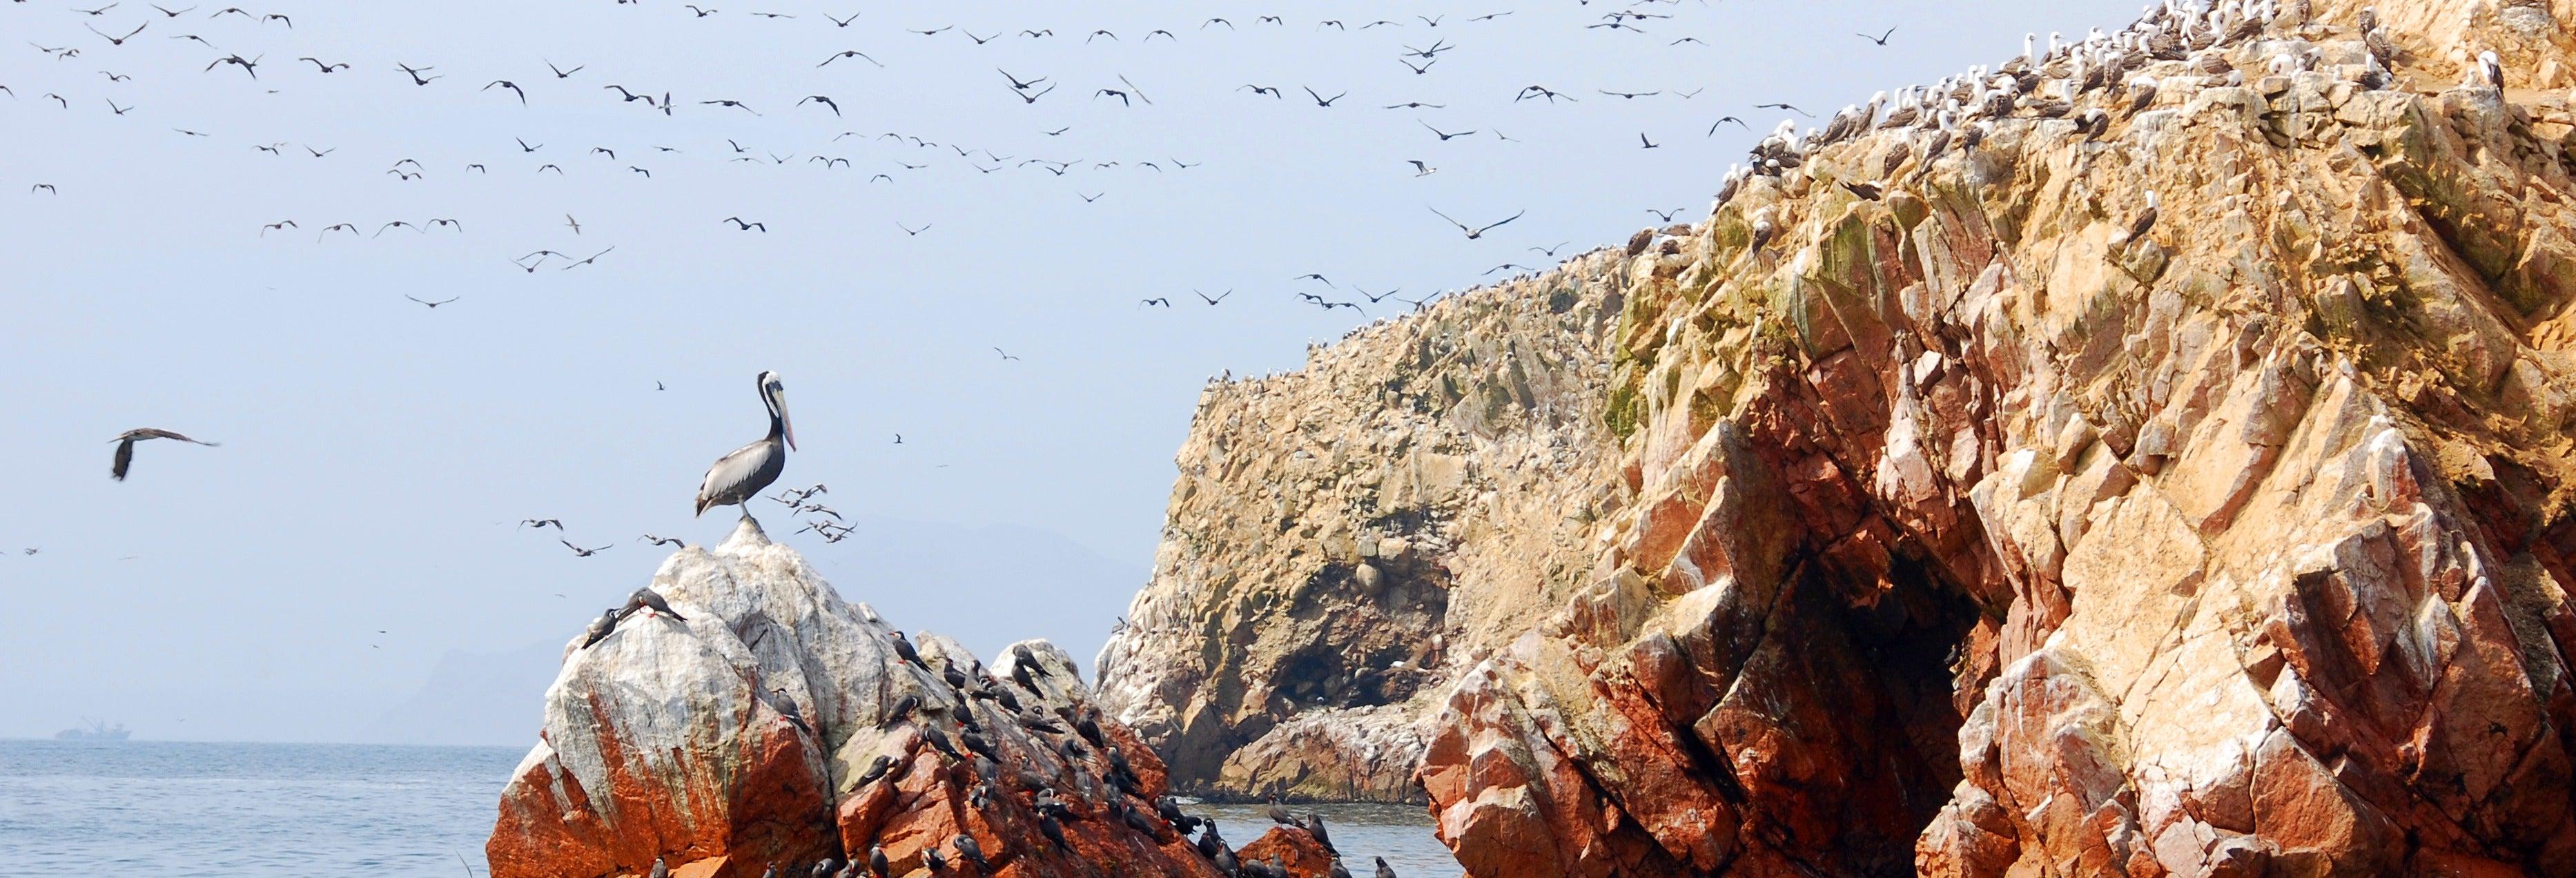 Excursion de 3 jours à Nazca, Ica et Paracas